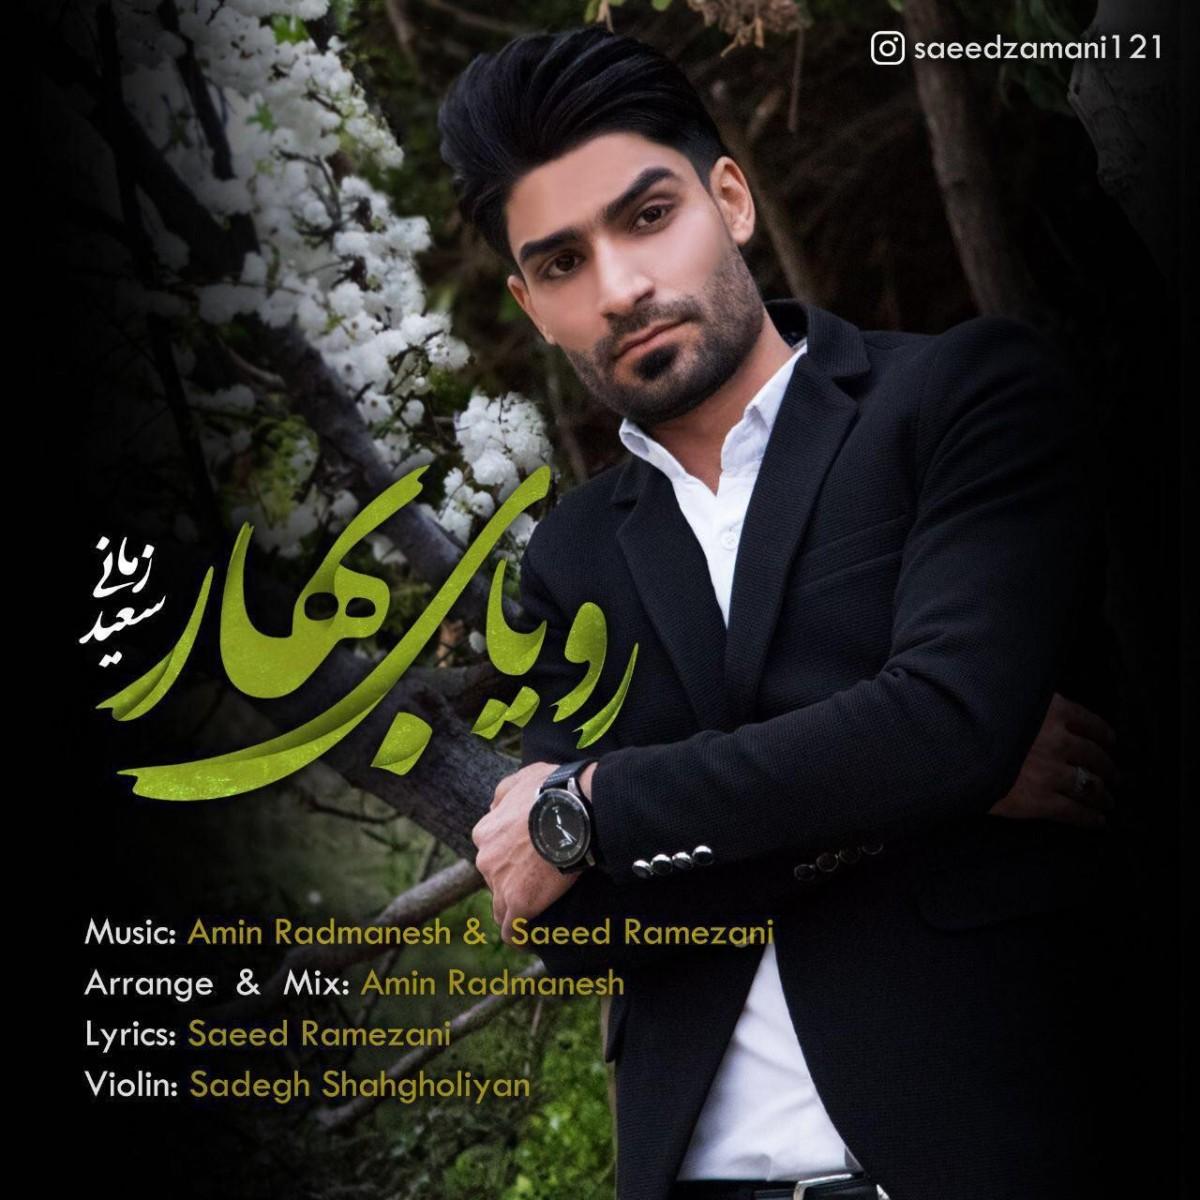 نامبر وان موزیک | دانلود آهنگ جدید Saeed-Zamani-Royaye-Bahar